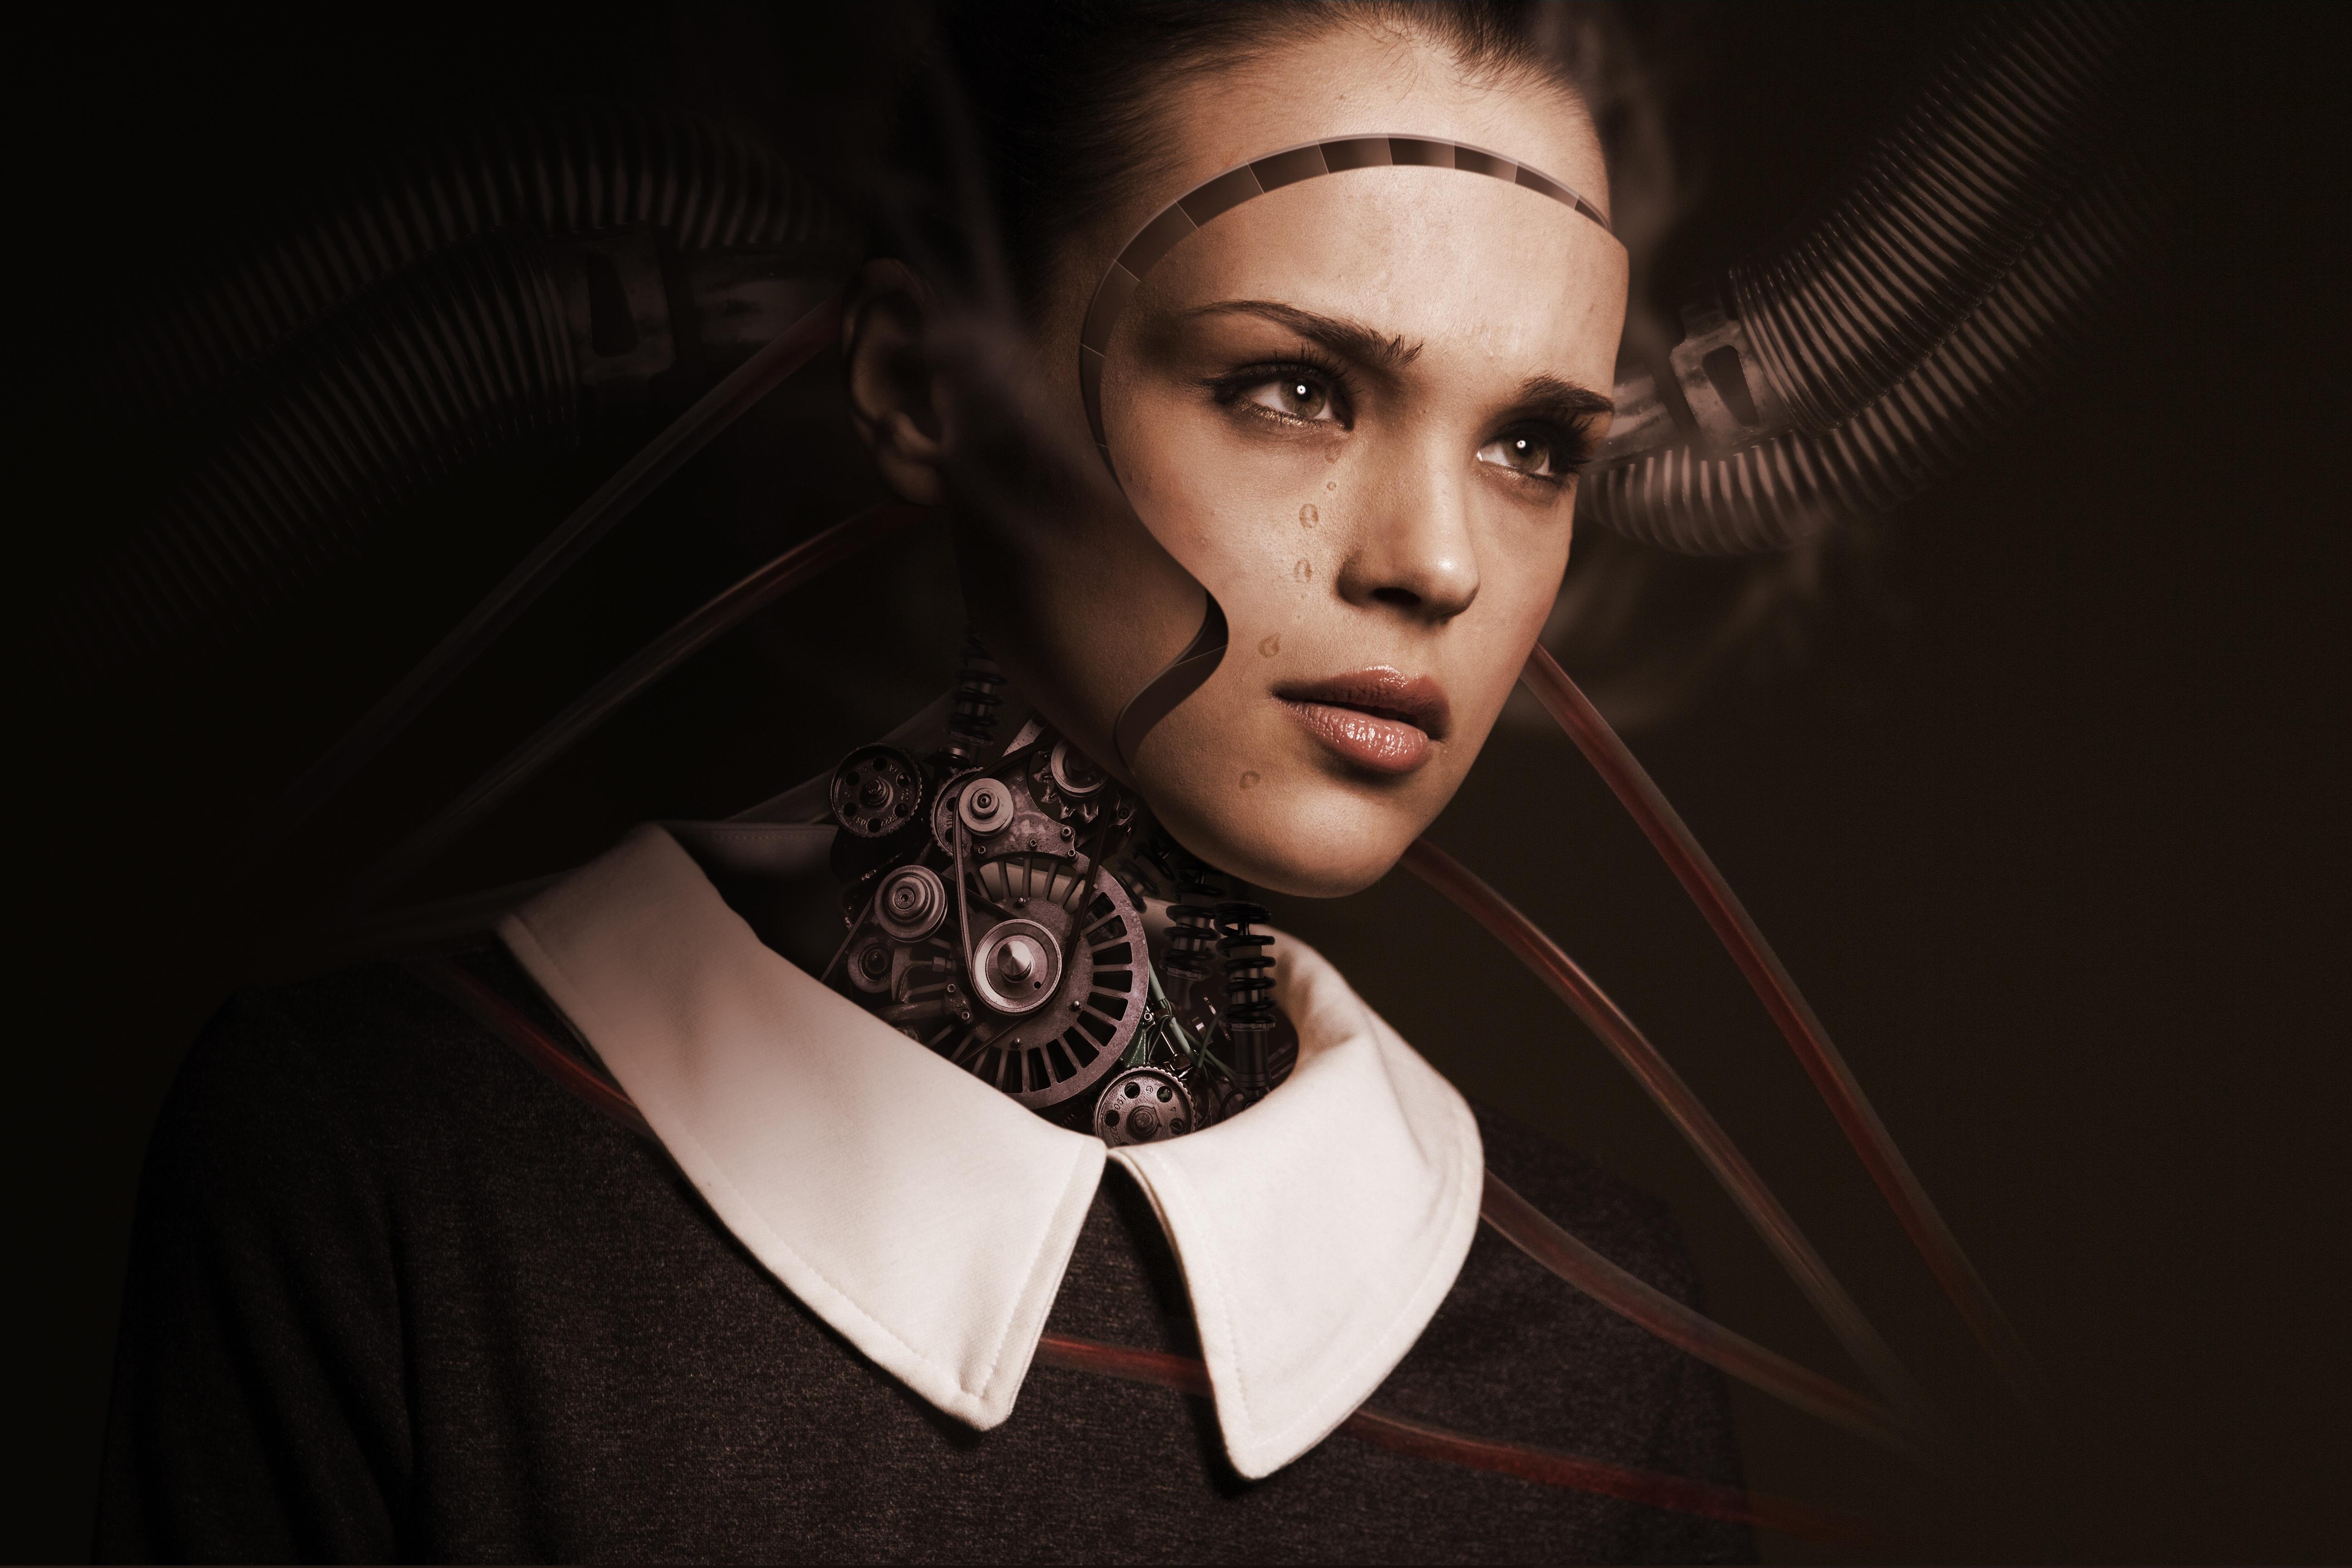 134574 Hintergrundbild herunterladen Mädchen, Kunst, Traurigkeit, Roboter, Cyborg, Zukunft, Trauer, Gefühle, Künstliche Intelligenz, Tränen - Bildschirmschoner und Bilder kostenlos